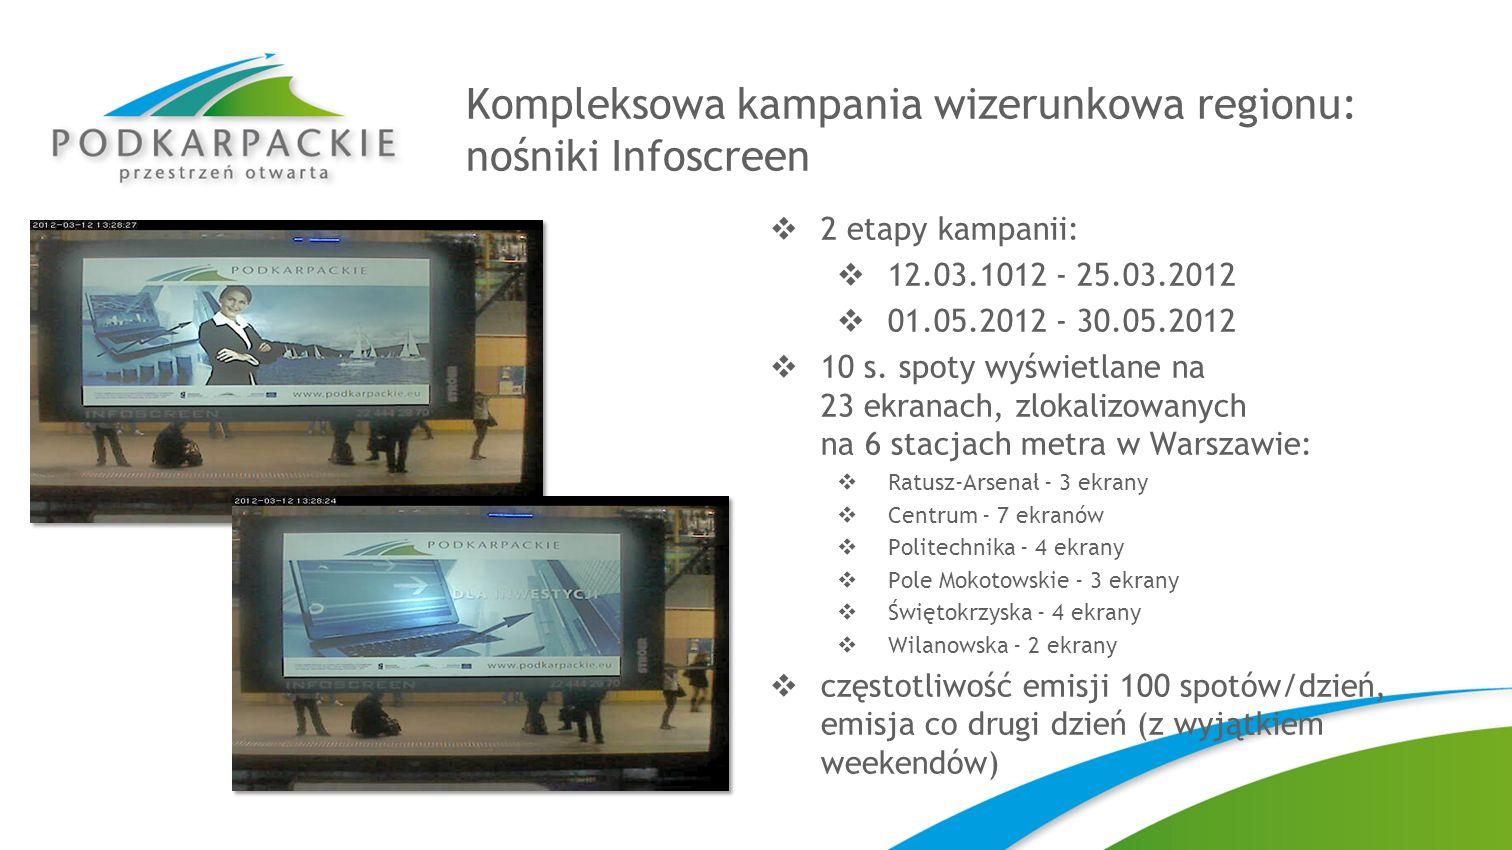 Kompleksowa kampania wizerunkowa regionu: nośniki Infoscreen